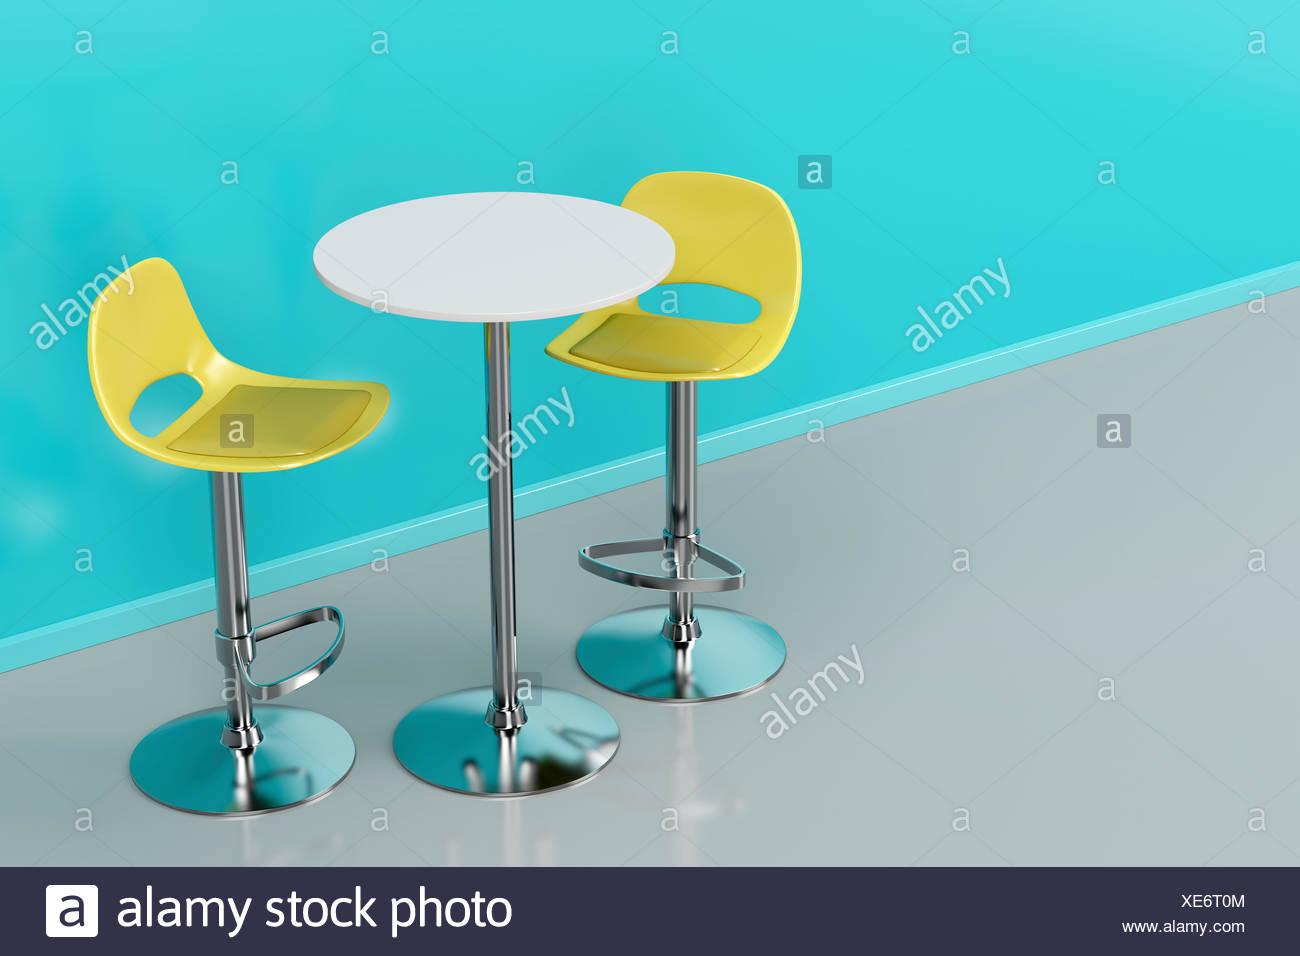 Tavolo bar e sgabelli foto immagine stock alamy